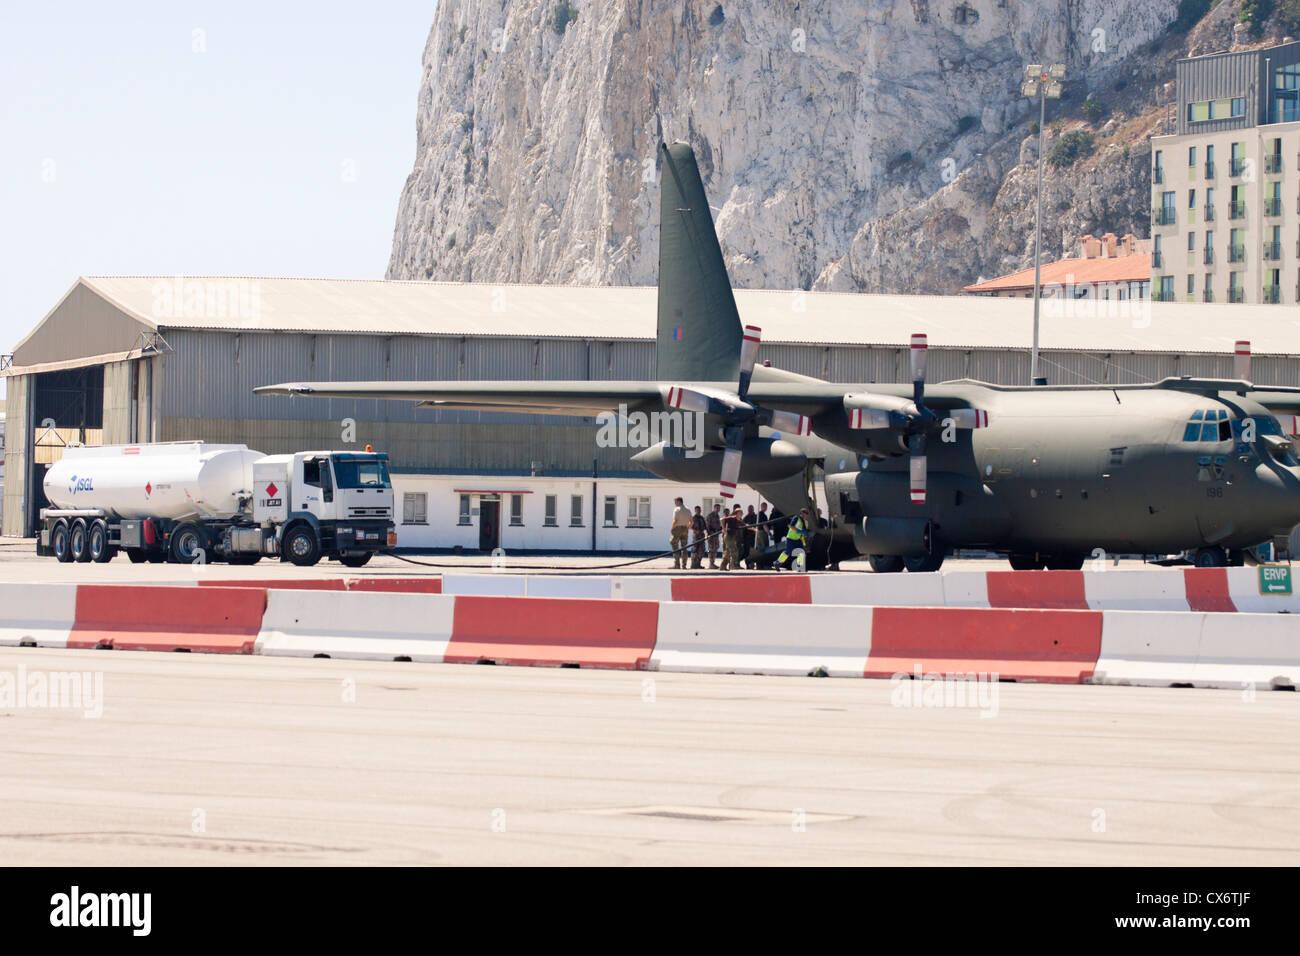 C 130 Military Transport Aircraft Lockheed C-130 Hercule...